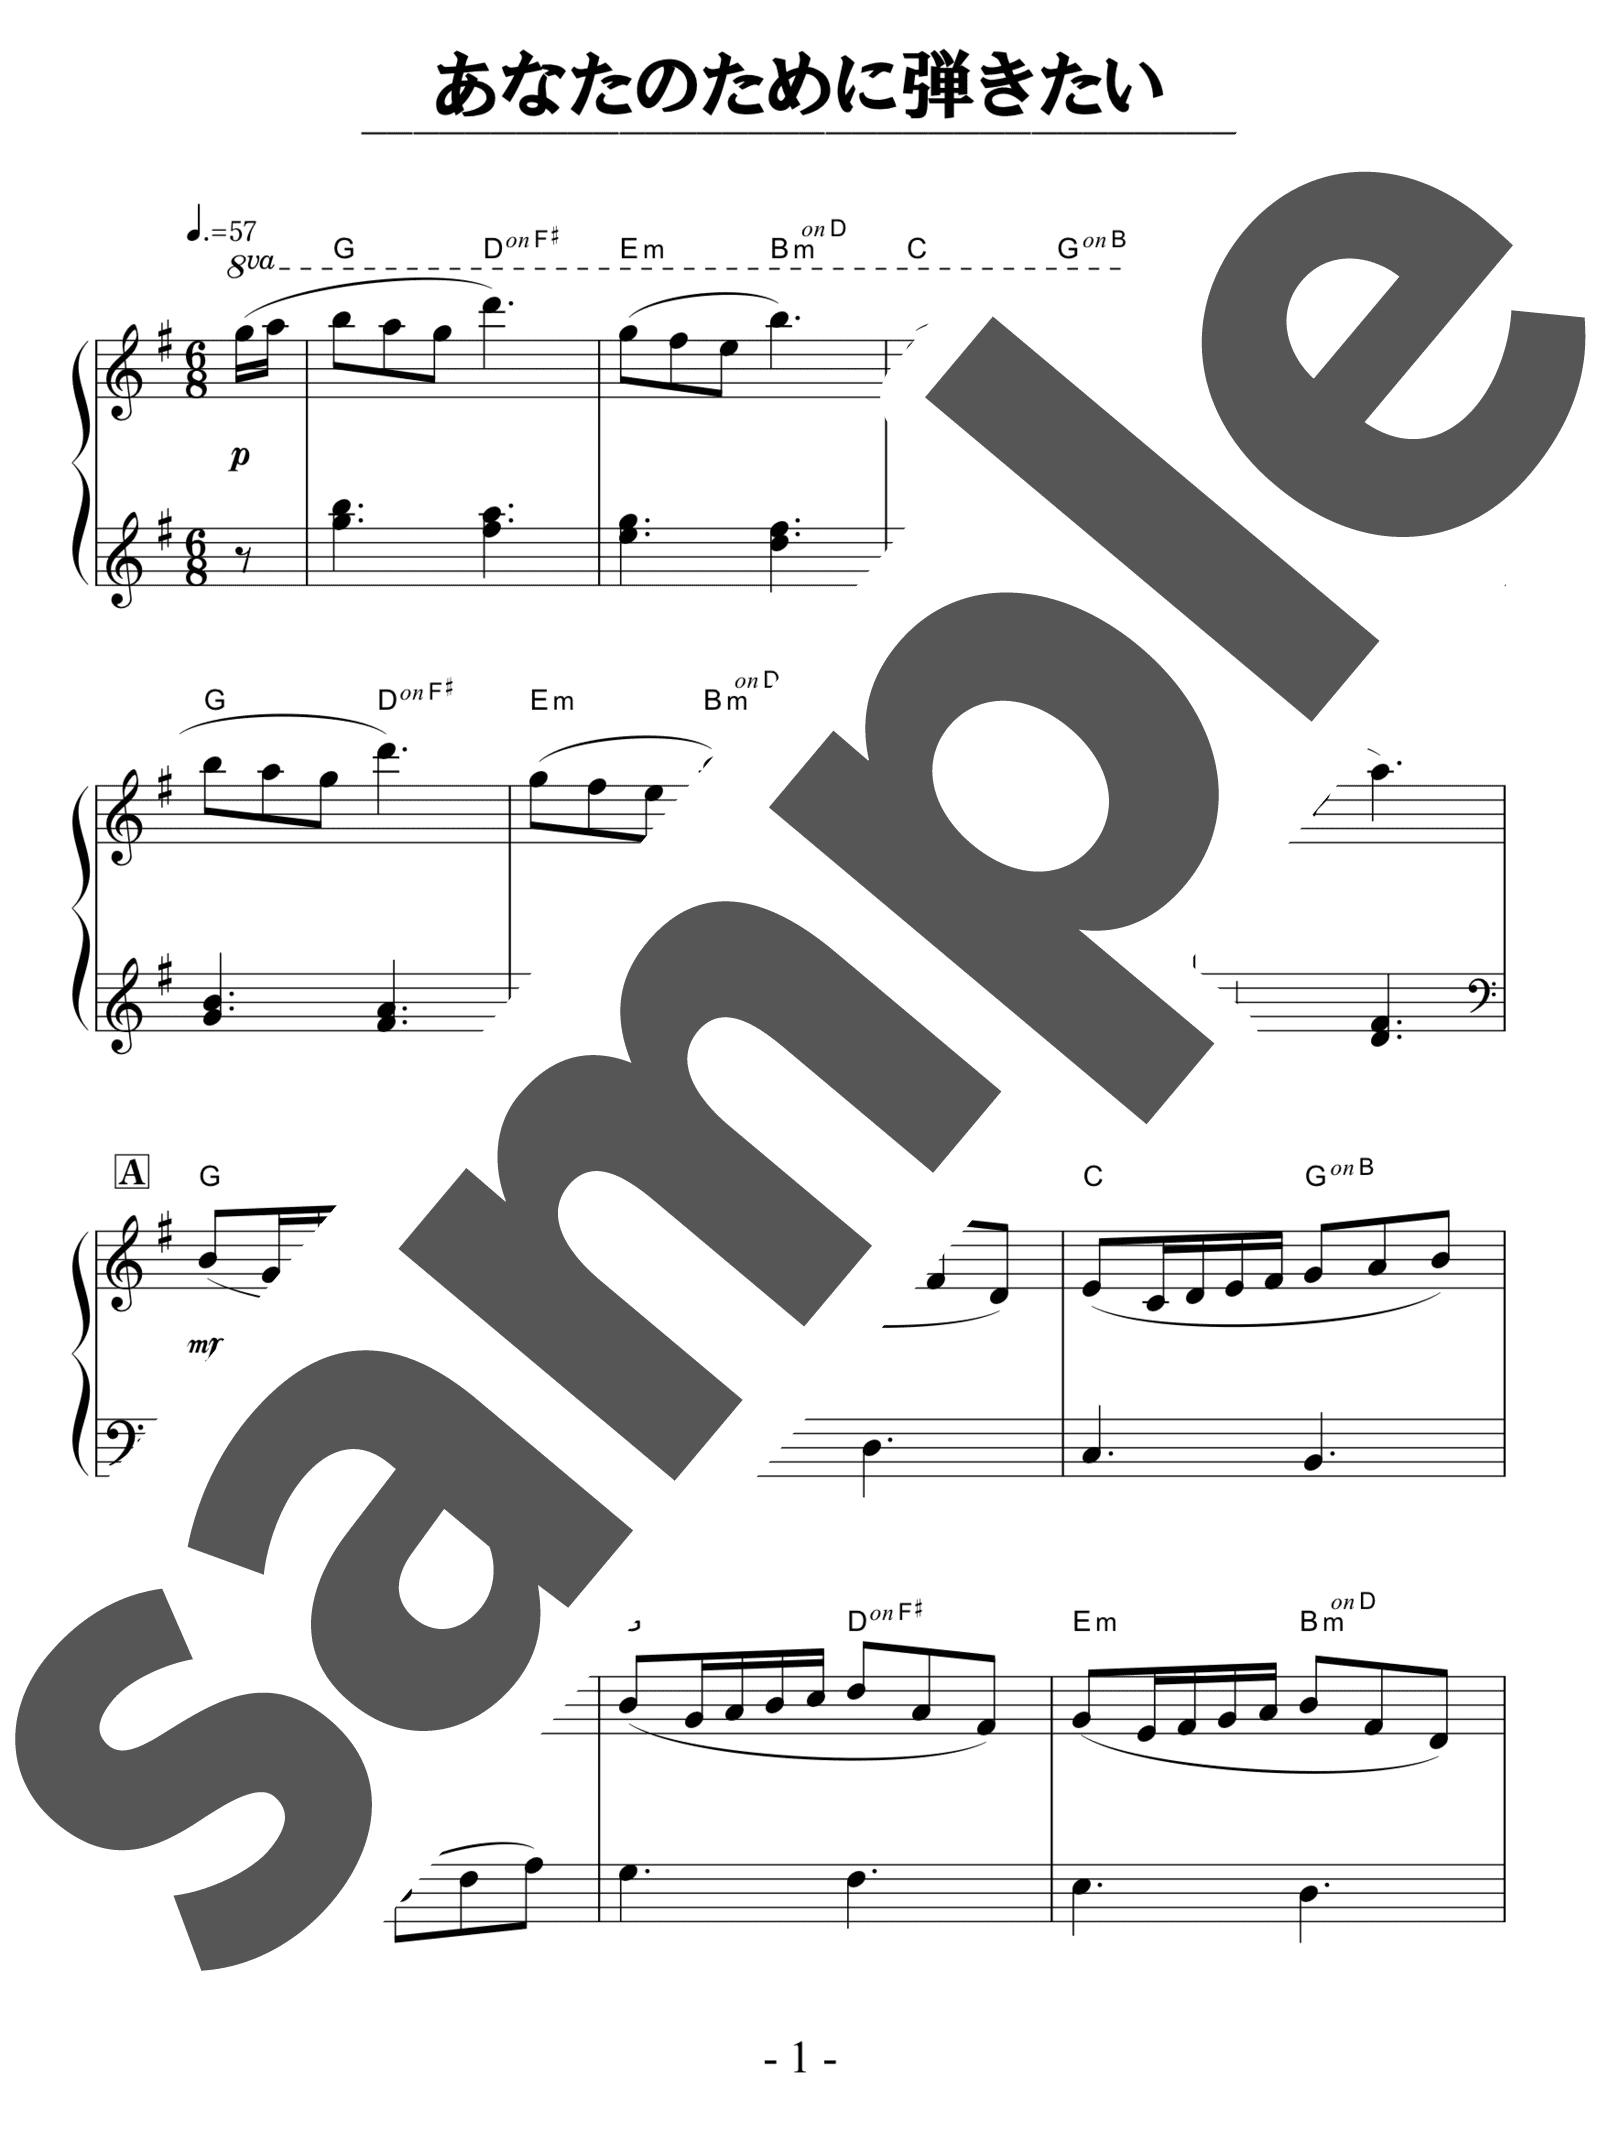 「あなたのために弾きたい」のサンプル楽譜